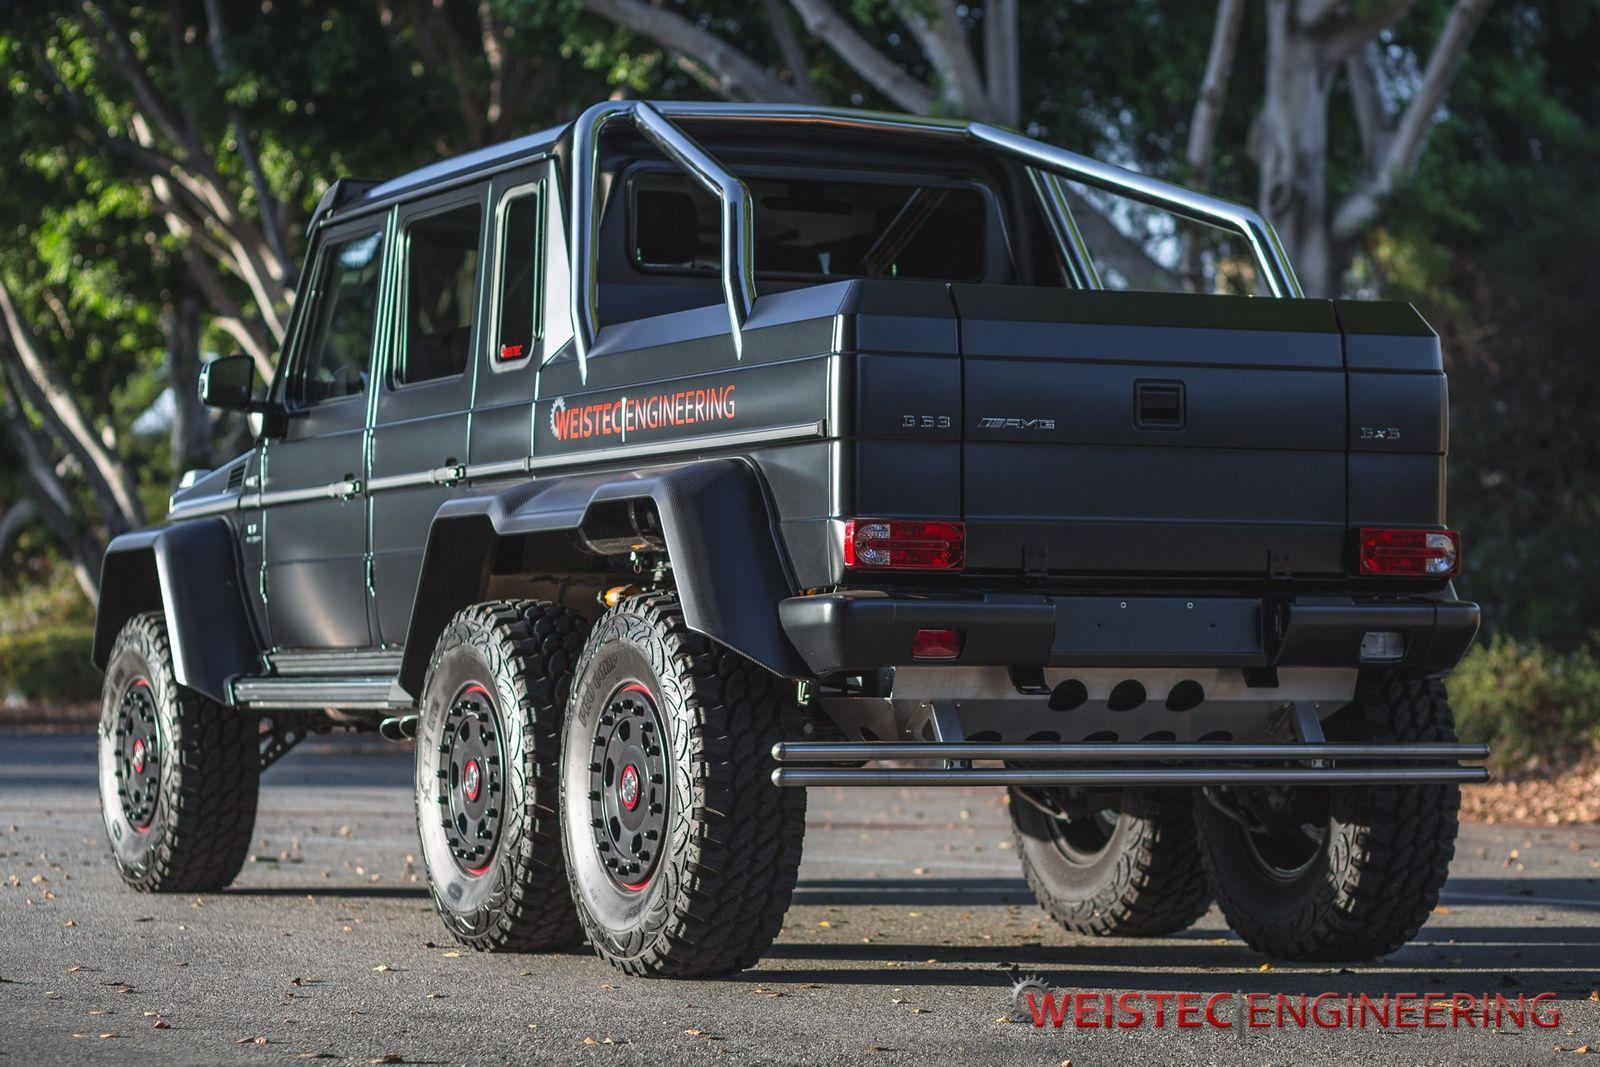 Mercedes-Benz G63 AMG 6×6 Weistec Engineering